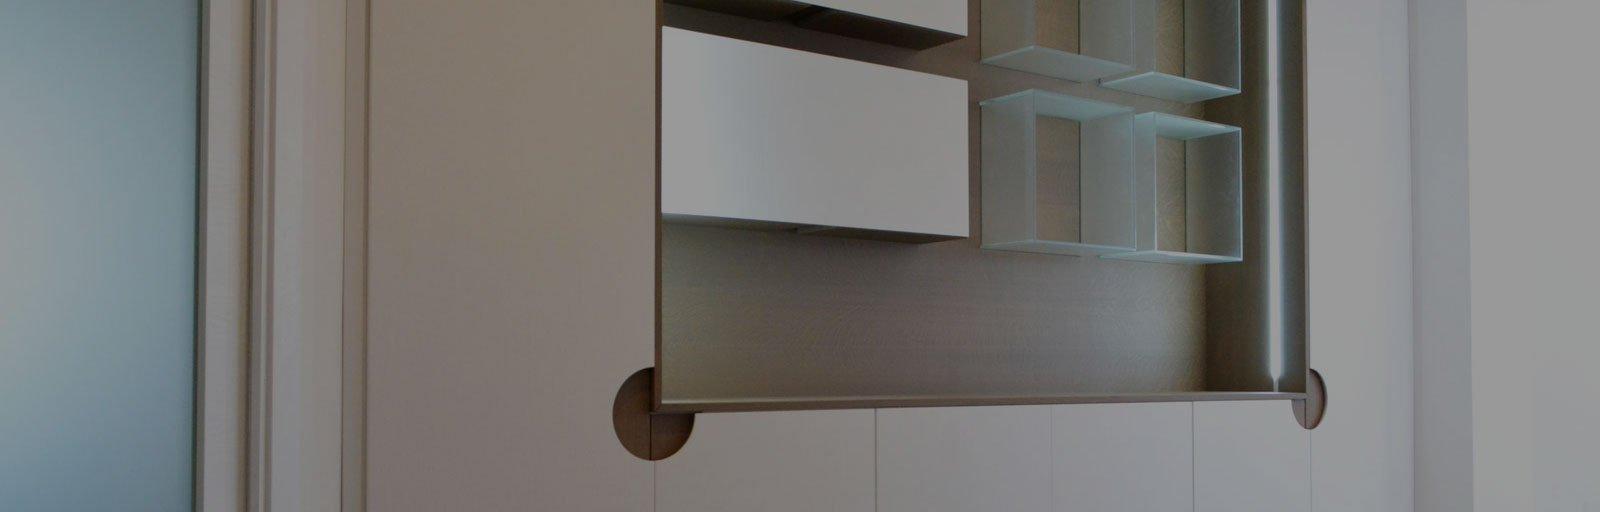 areco-design_boiserie-in-legno_moderna